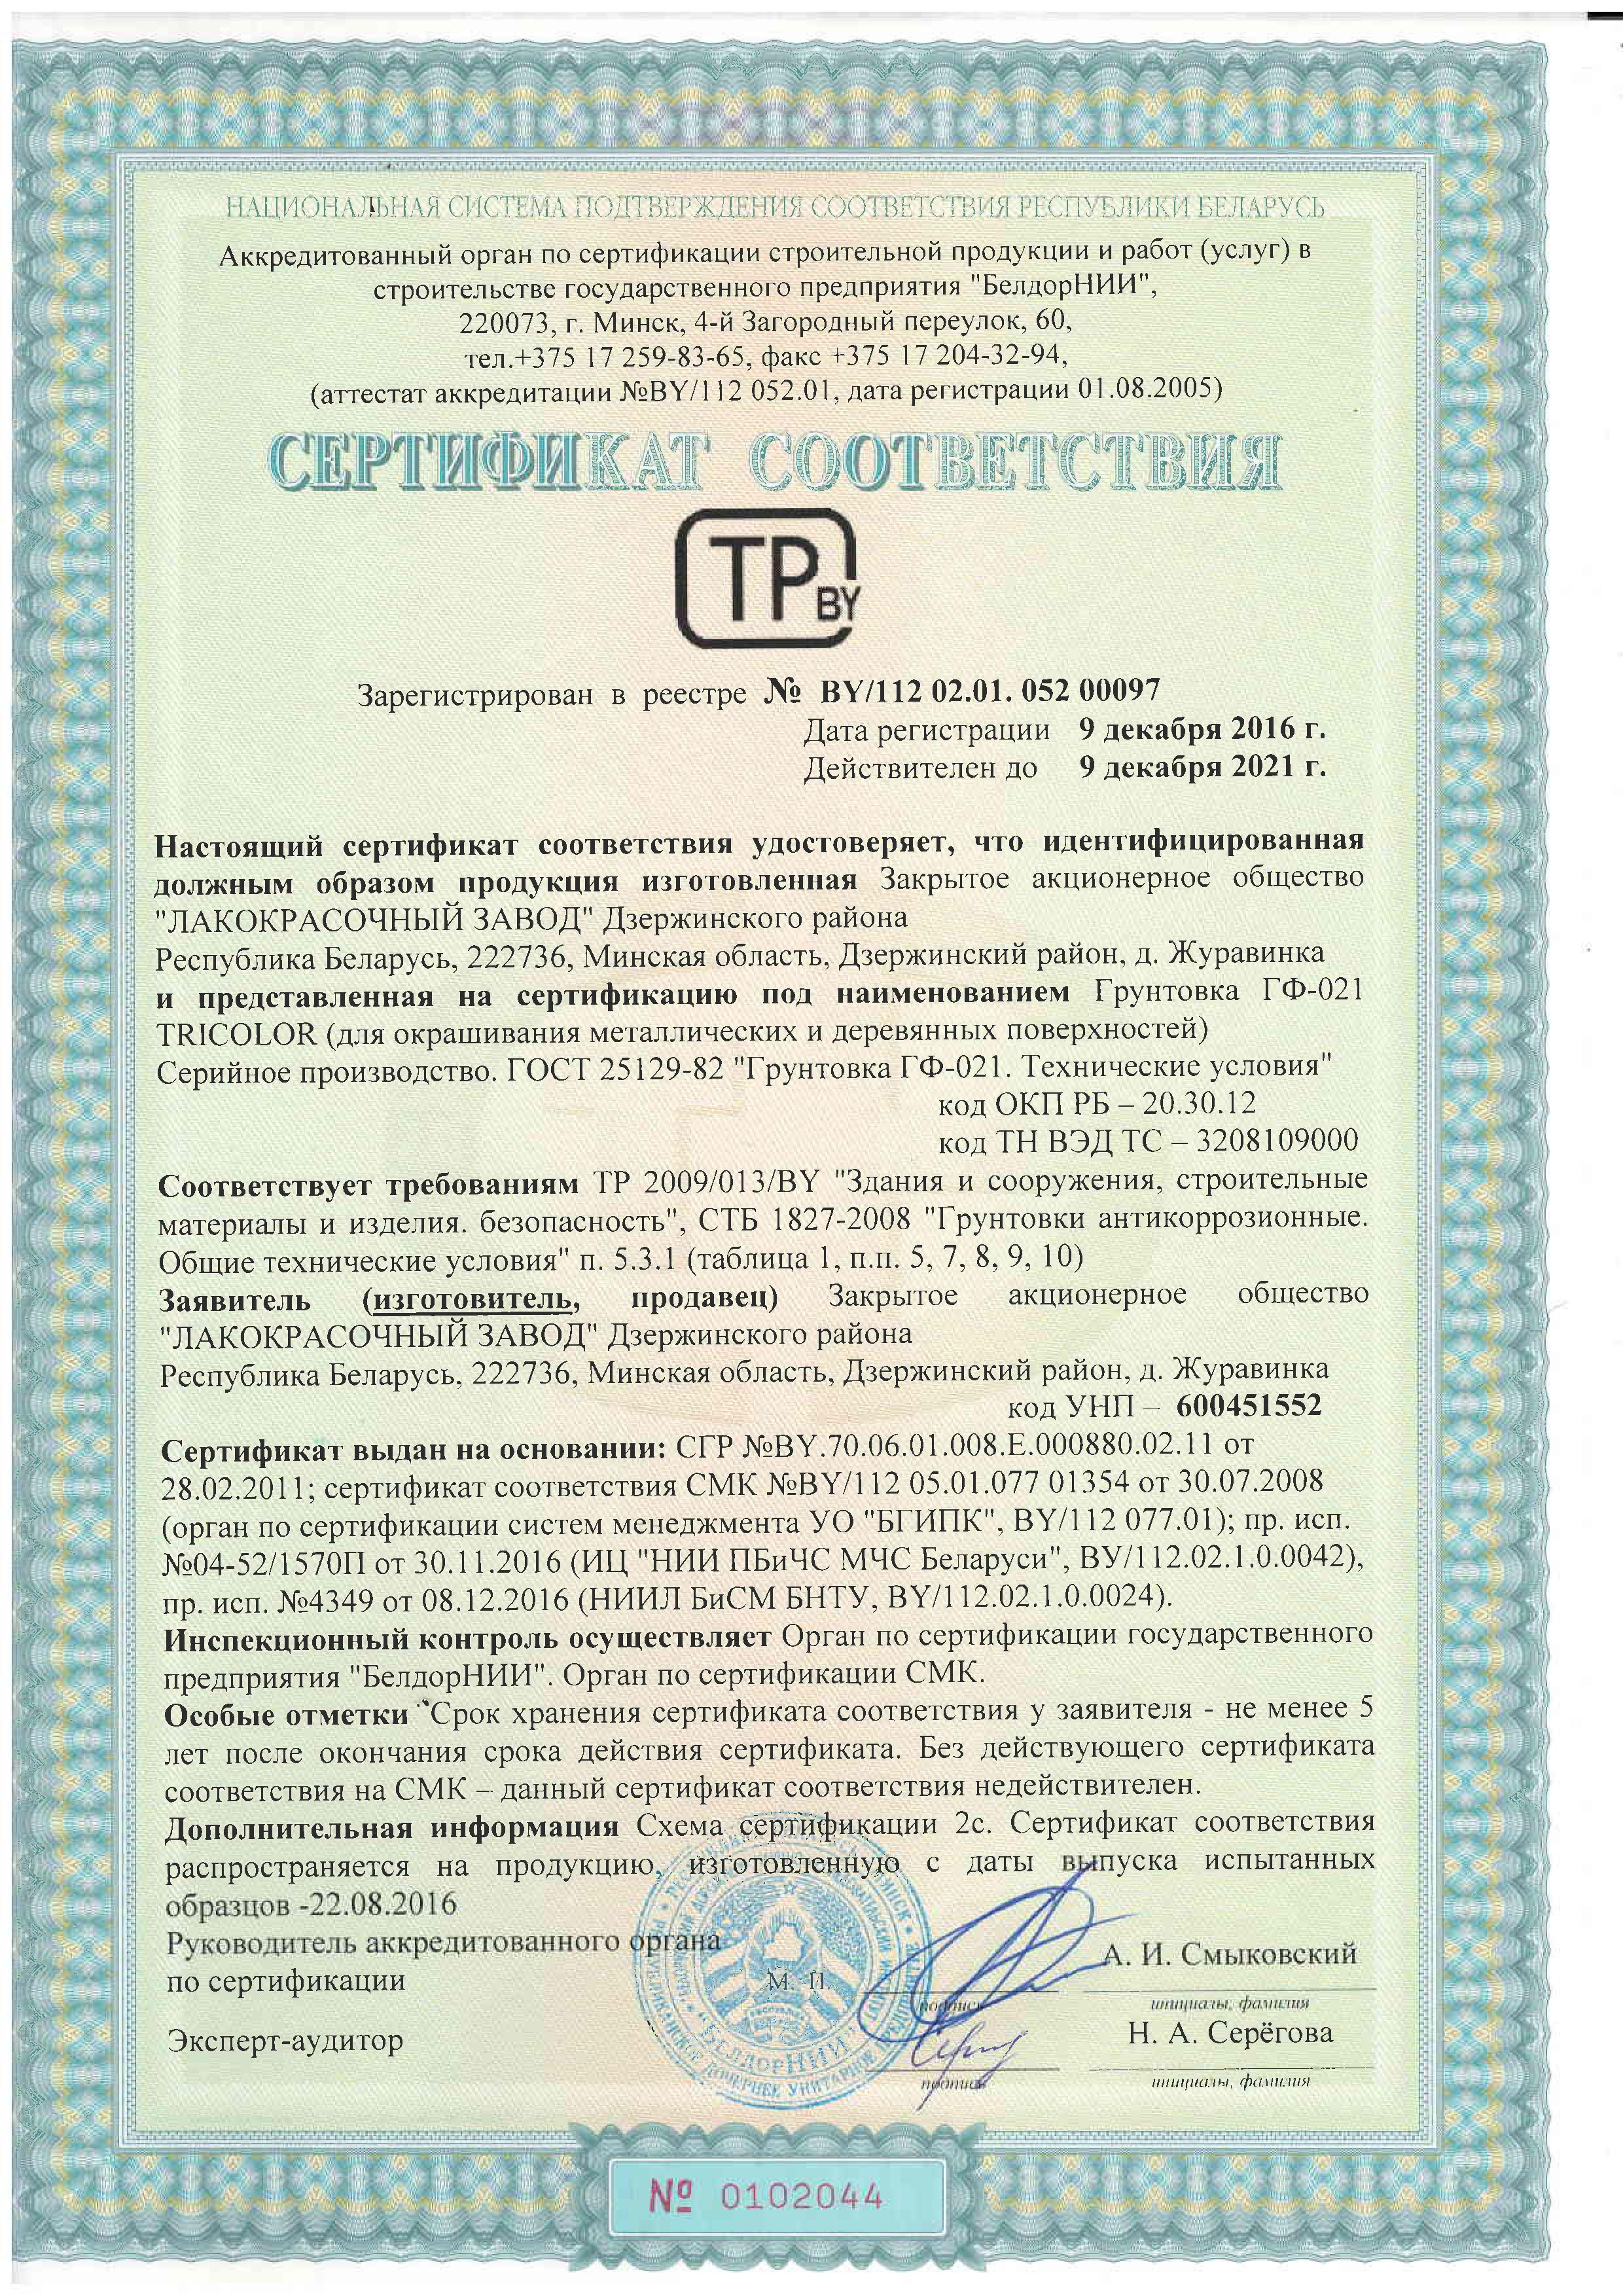 Сертификаты на грунтовку гф-021 гост 25129-82 сертификация пп